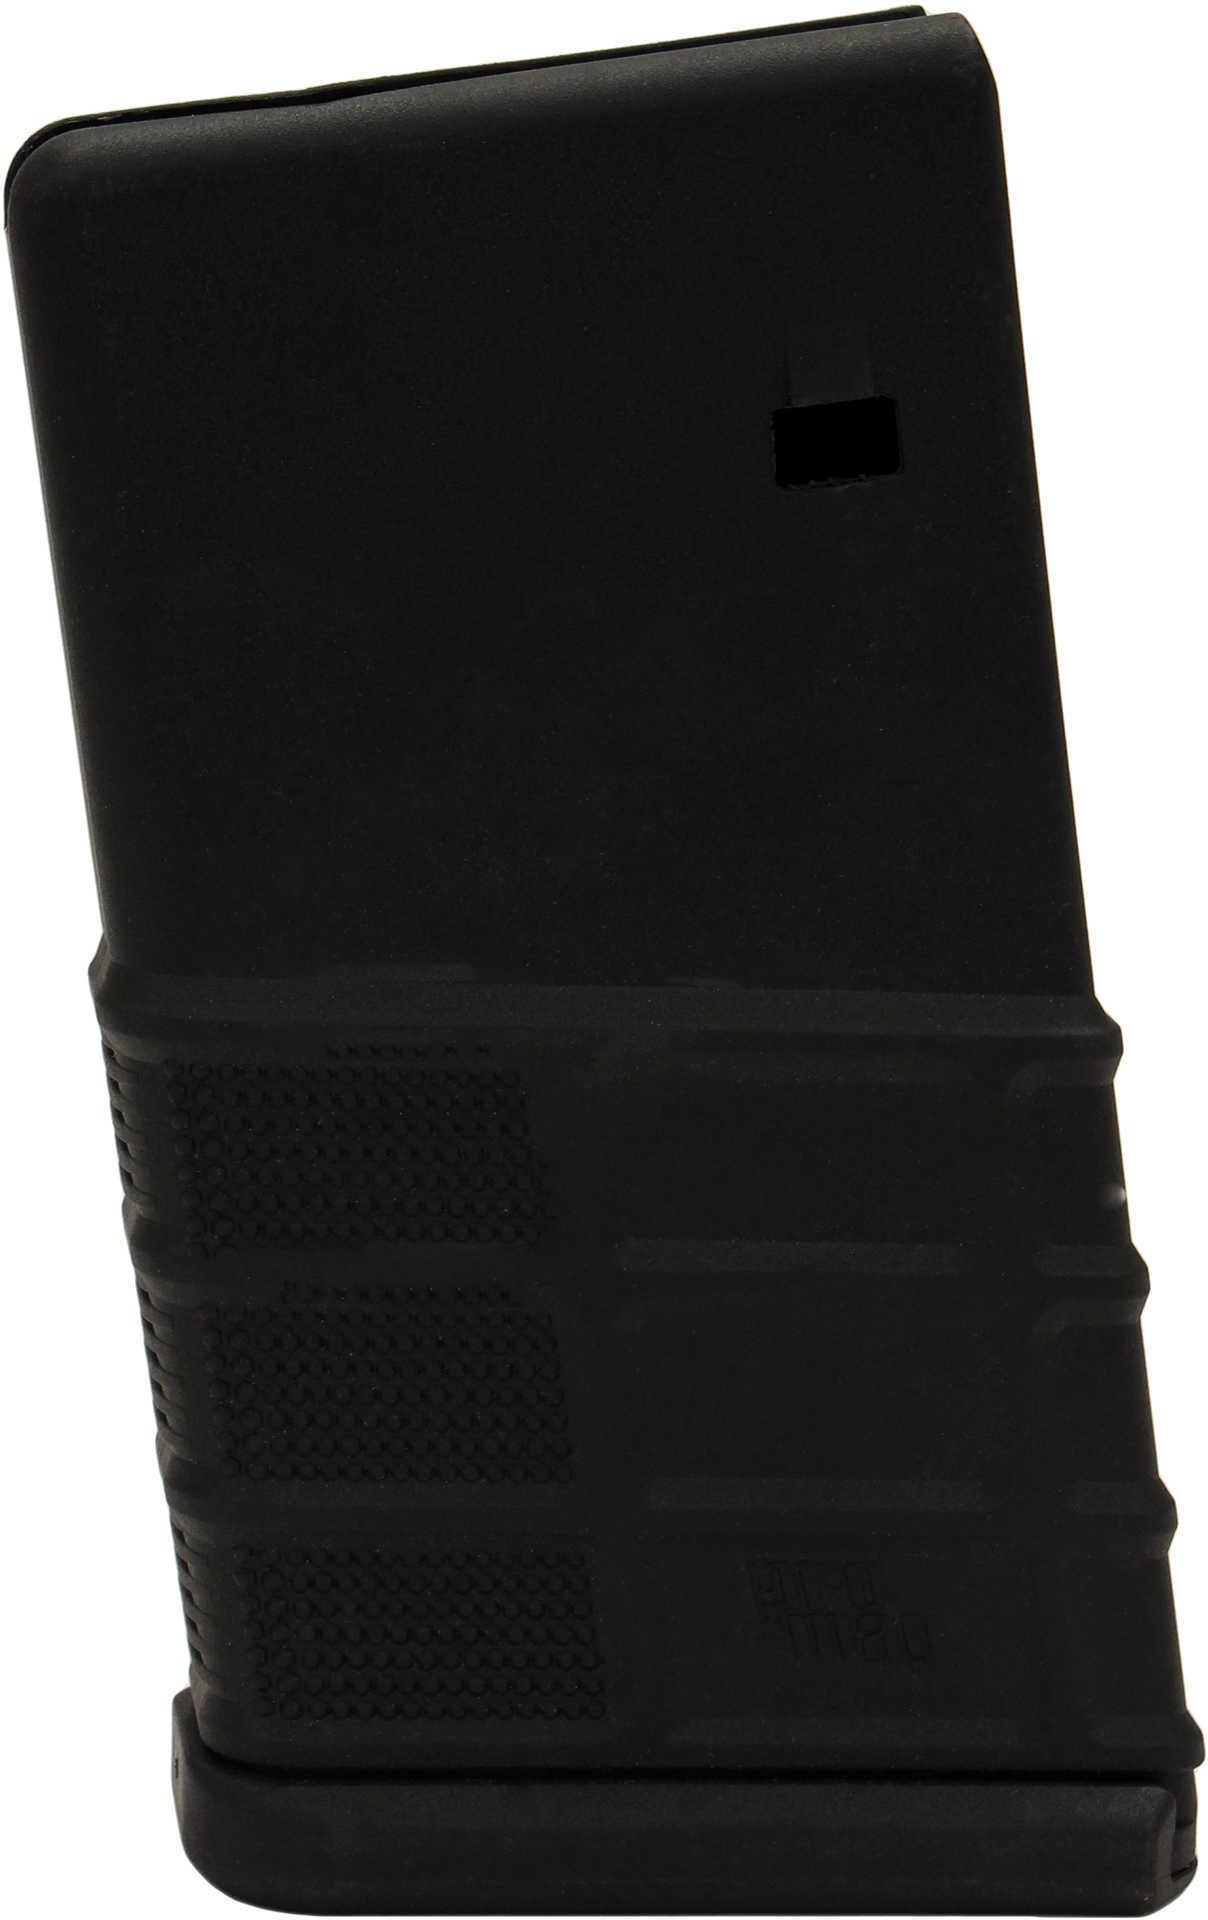 Scar 17 .308 20 Round Black Polymer Md: FNH-A4